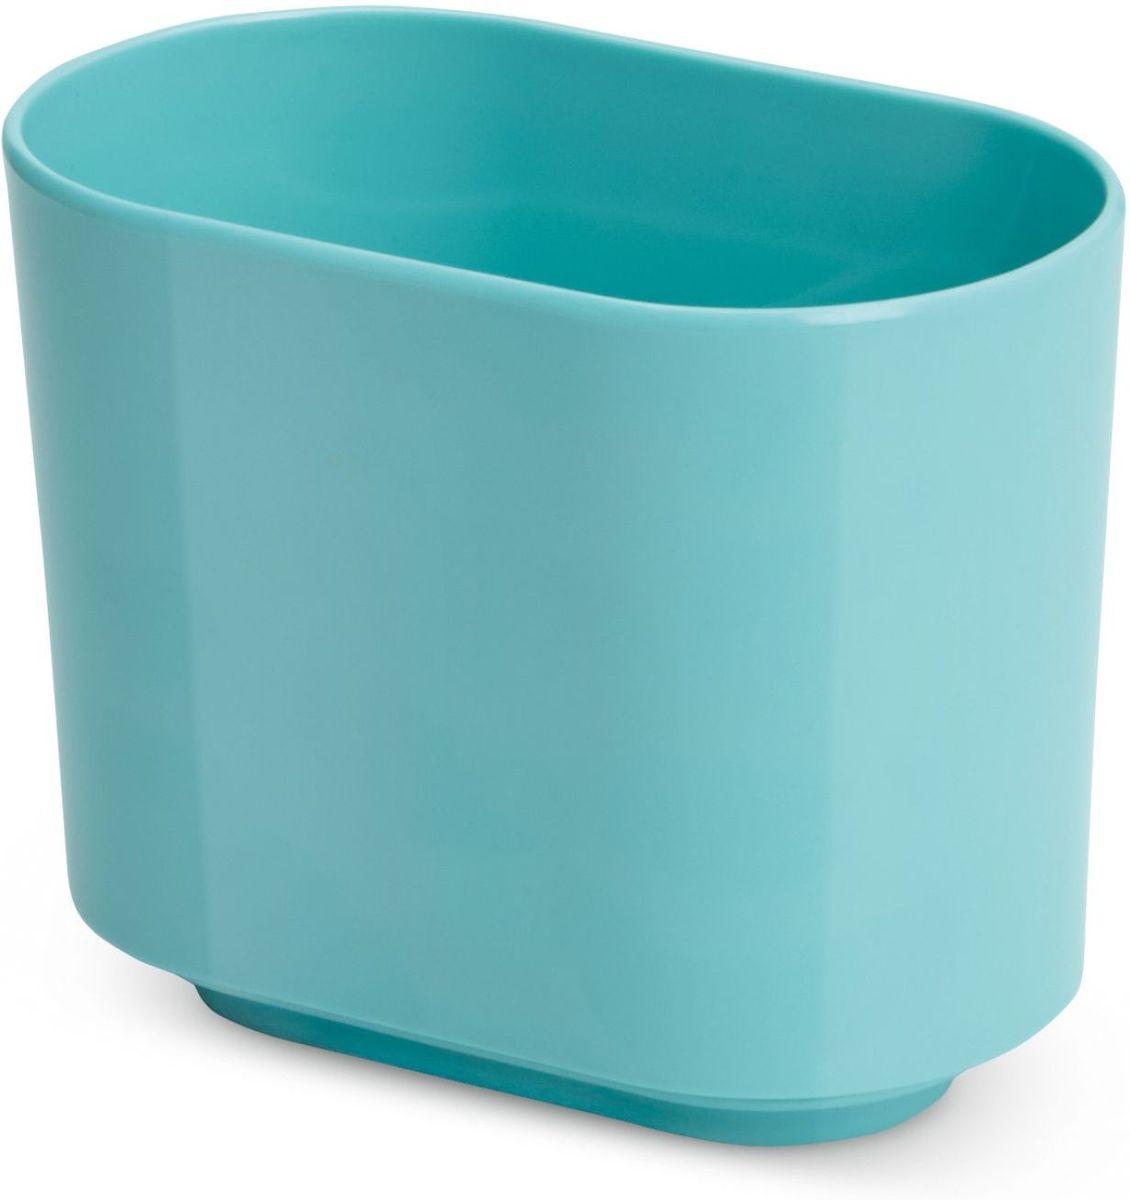 Стакан для зубных щеток Umbra Step, цвет: морская волна, 12,7 х 10,2 х 7 см023836-276Функциональность подставки для зубных щеток неоспорима - где же еще их хранить. А вот как насчет дизайна? В Umbra уверены: такой простой и ежедневно используемый предмет должен выглядеть лаконично, но необычно. Ведь в небольшой ванной комнате не должно быть ничего вызывающе яркого. Немного экспериментировав с формой, дизайнеры создали подставку Step, которая придется кстати в любом доме и вместит зубные щетки всех членов семьи.